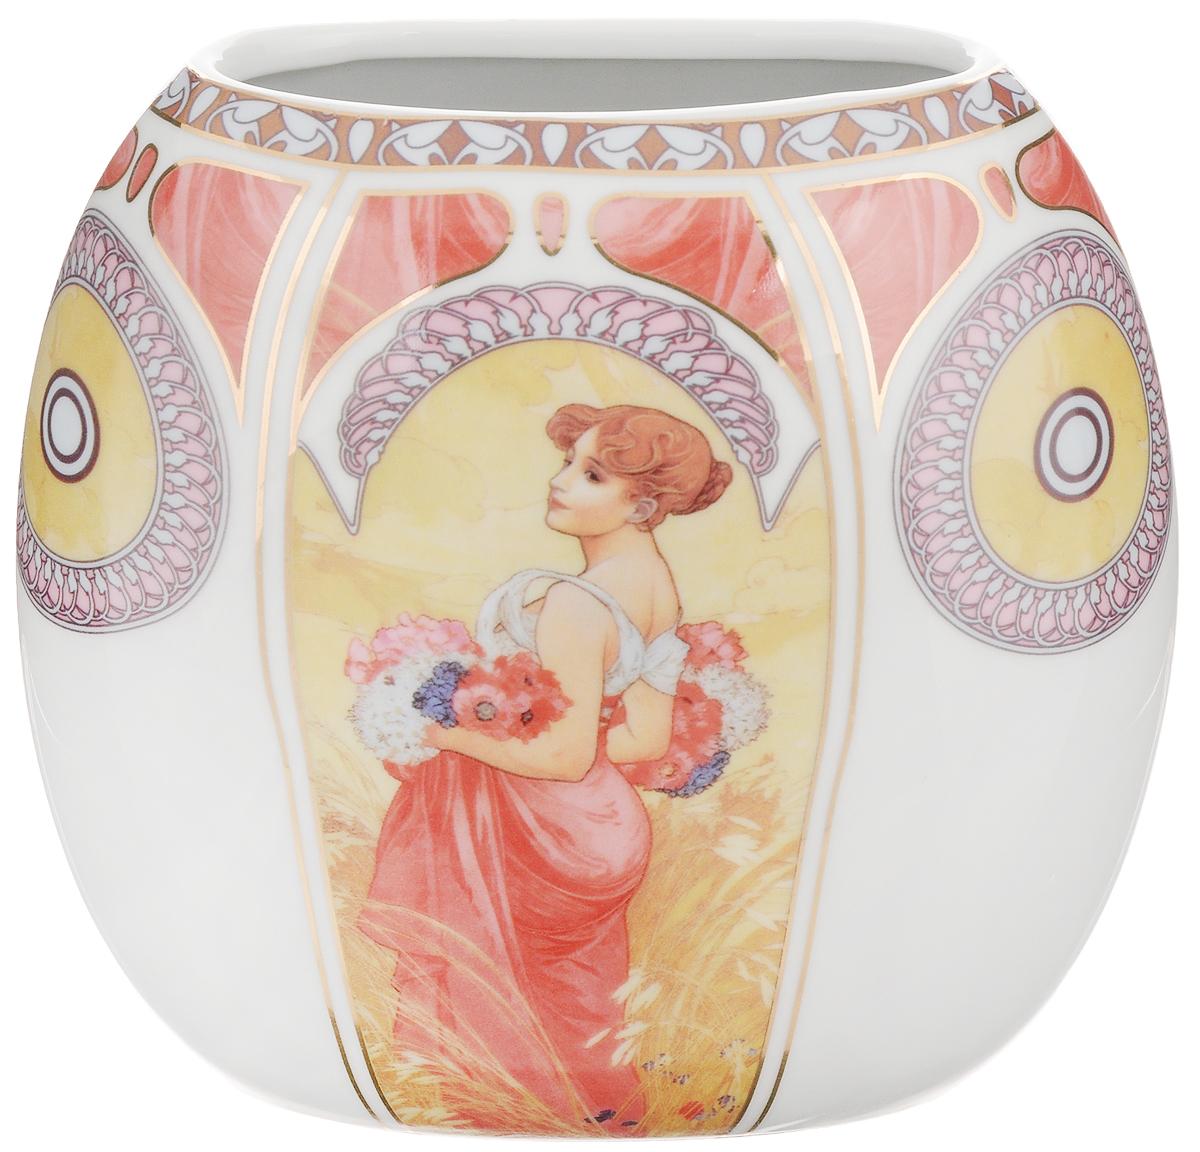 Ваза Elan Gallery Лето, высота 15 см503950Декоративная ваза Elan Gallery Лето украсит ваш интерьер и будет прекрасным подарком для ваших близких! Она подойдет для небольших букетиков цветов или сухоцветов. Изделие выполнено из высококачественного фарфора и украшено ярким рисунком. Оригинальный дизайн наполнит ваш дом праздничным настроением. Такая ваза станет желанным подарком для ваших близких! Размер вазы по верхнему краю: 11 х 5,5 см. Размер дна: 11 х 5,5 см. Высота вазы: 15 см.